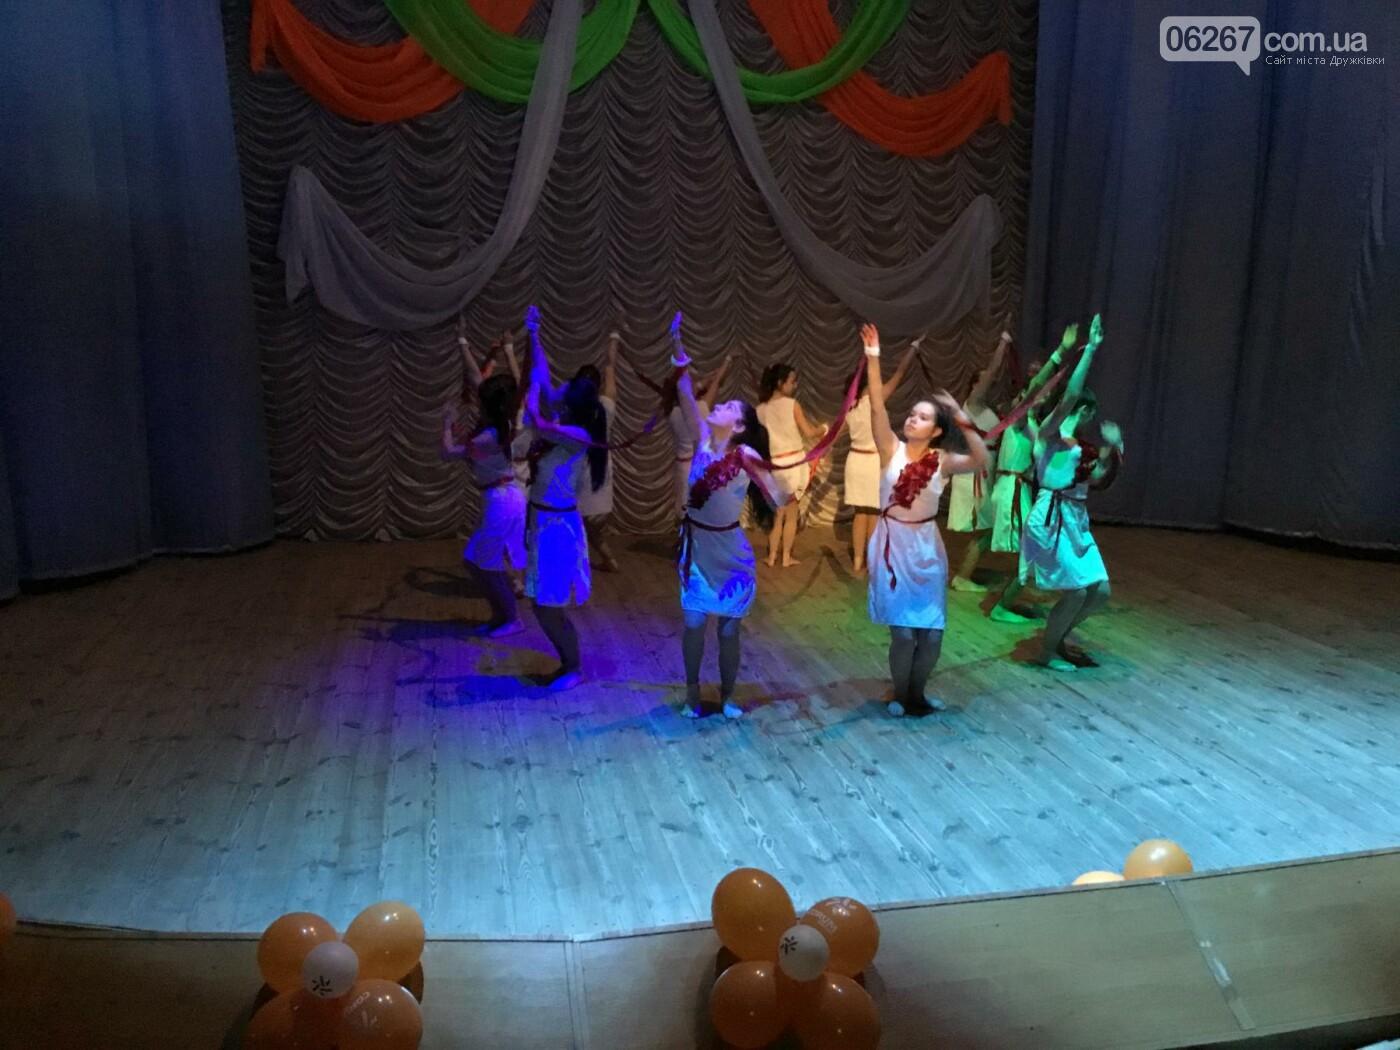 Танцевальный конкурс «Территория Дэнс» в Дружковке бьет рекорды посещаемости (ФОТО, ВИДЕО), фото-1